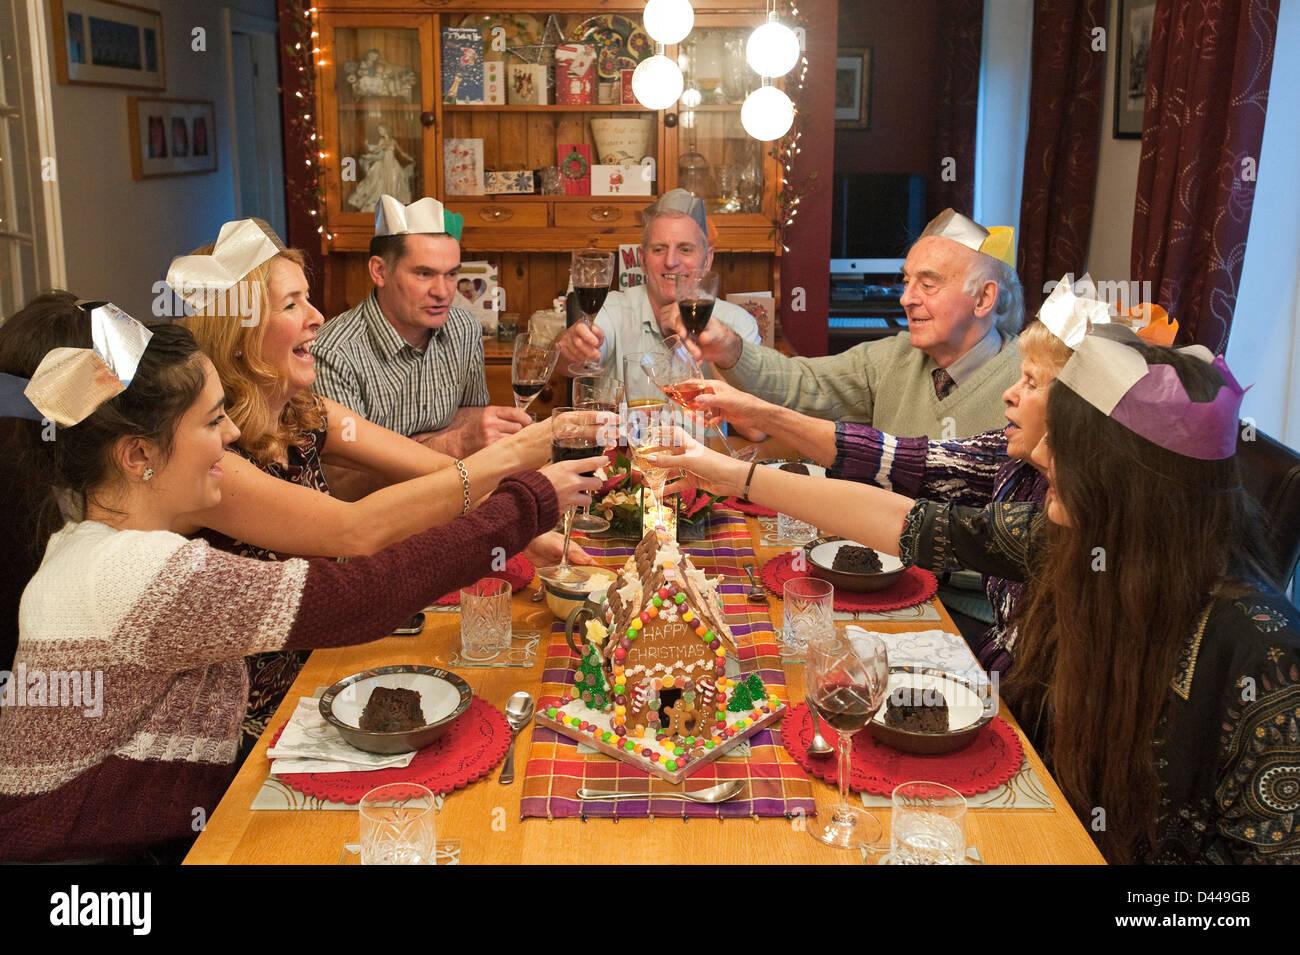 Vertical horizontal de tres generaciones de una familia disfrutando de la comida de Navidad juntos a la mesa. Imagen De Stock